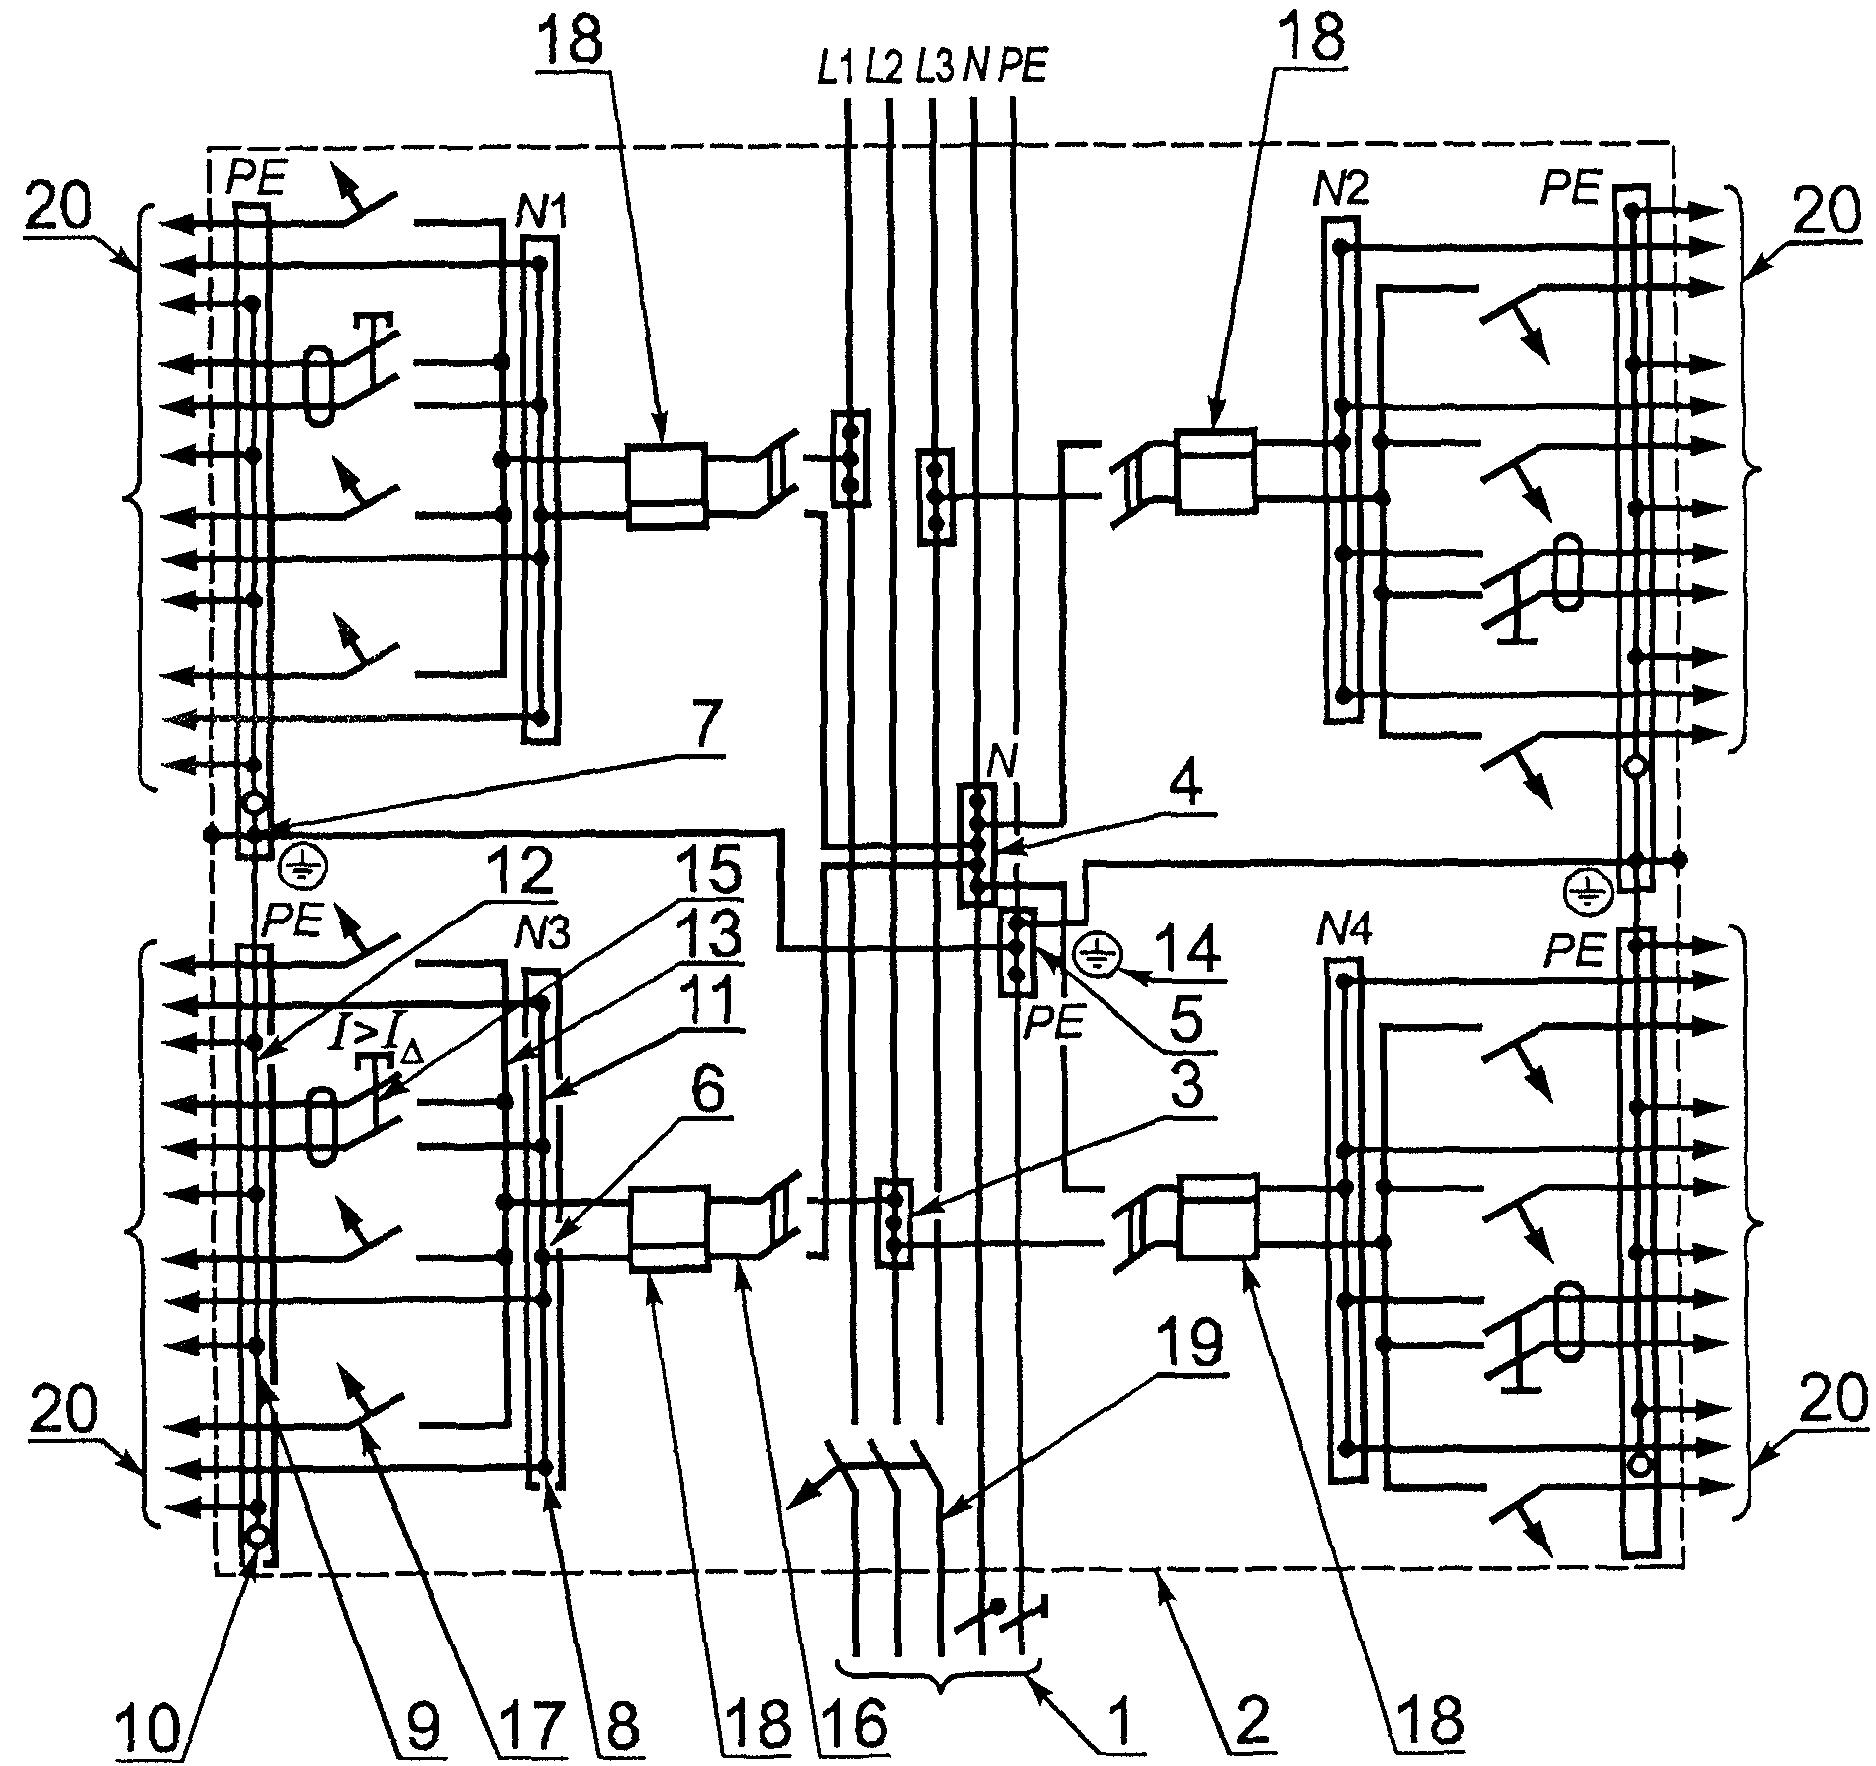 Схема распределительного щита квартиры.  Схема станка 16к20т1.